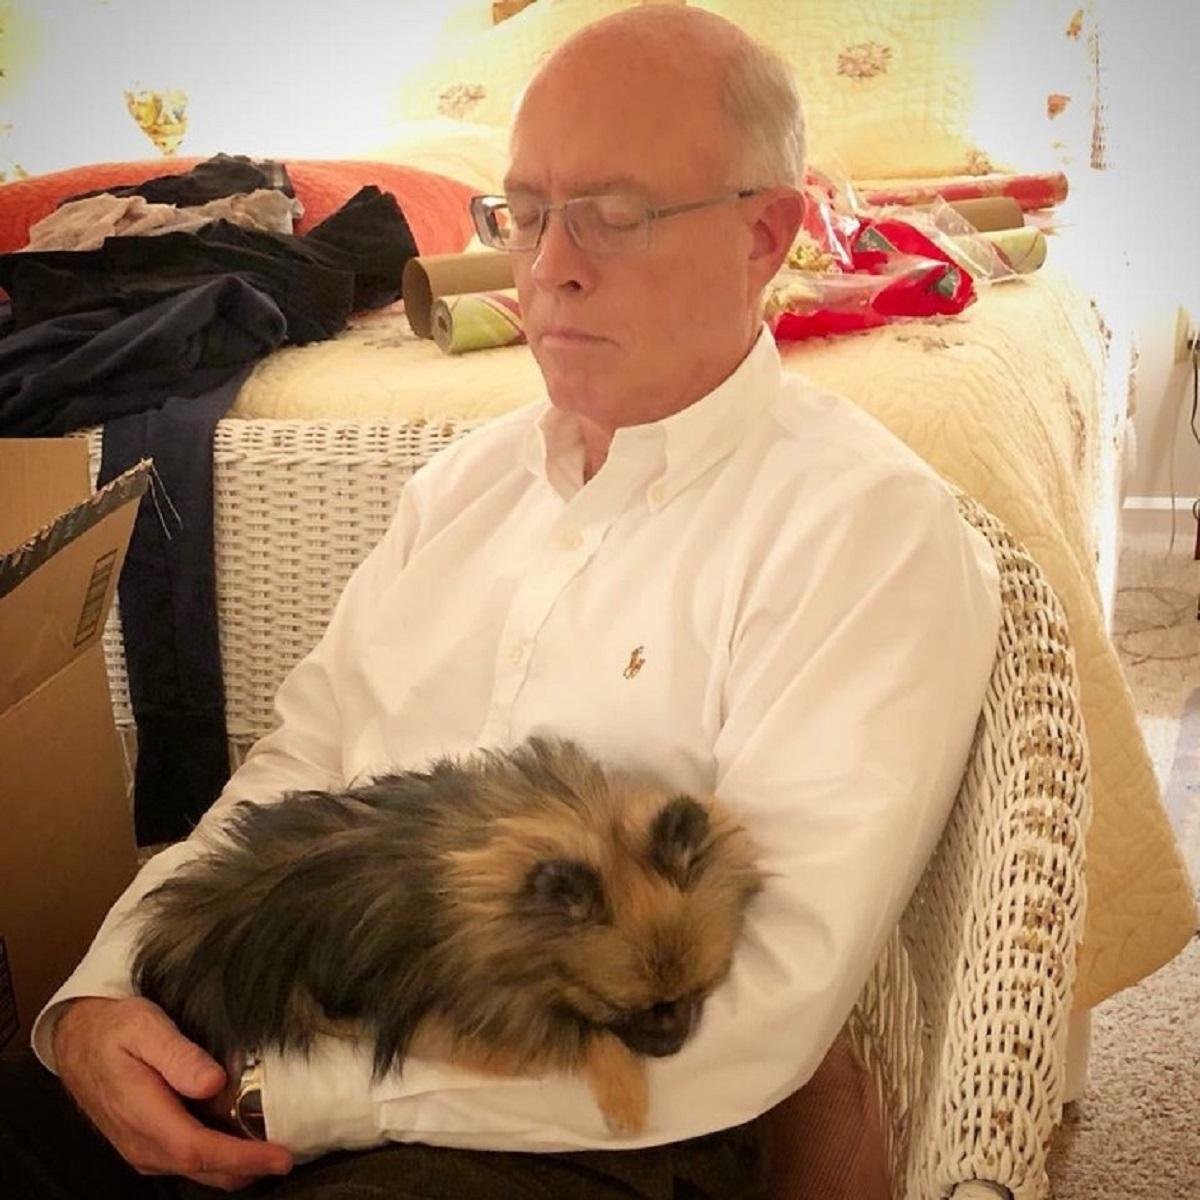 10 persone che non volevano animali-cane e papà dormono